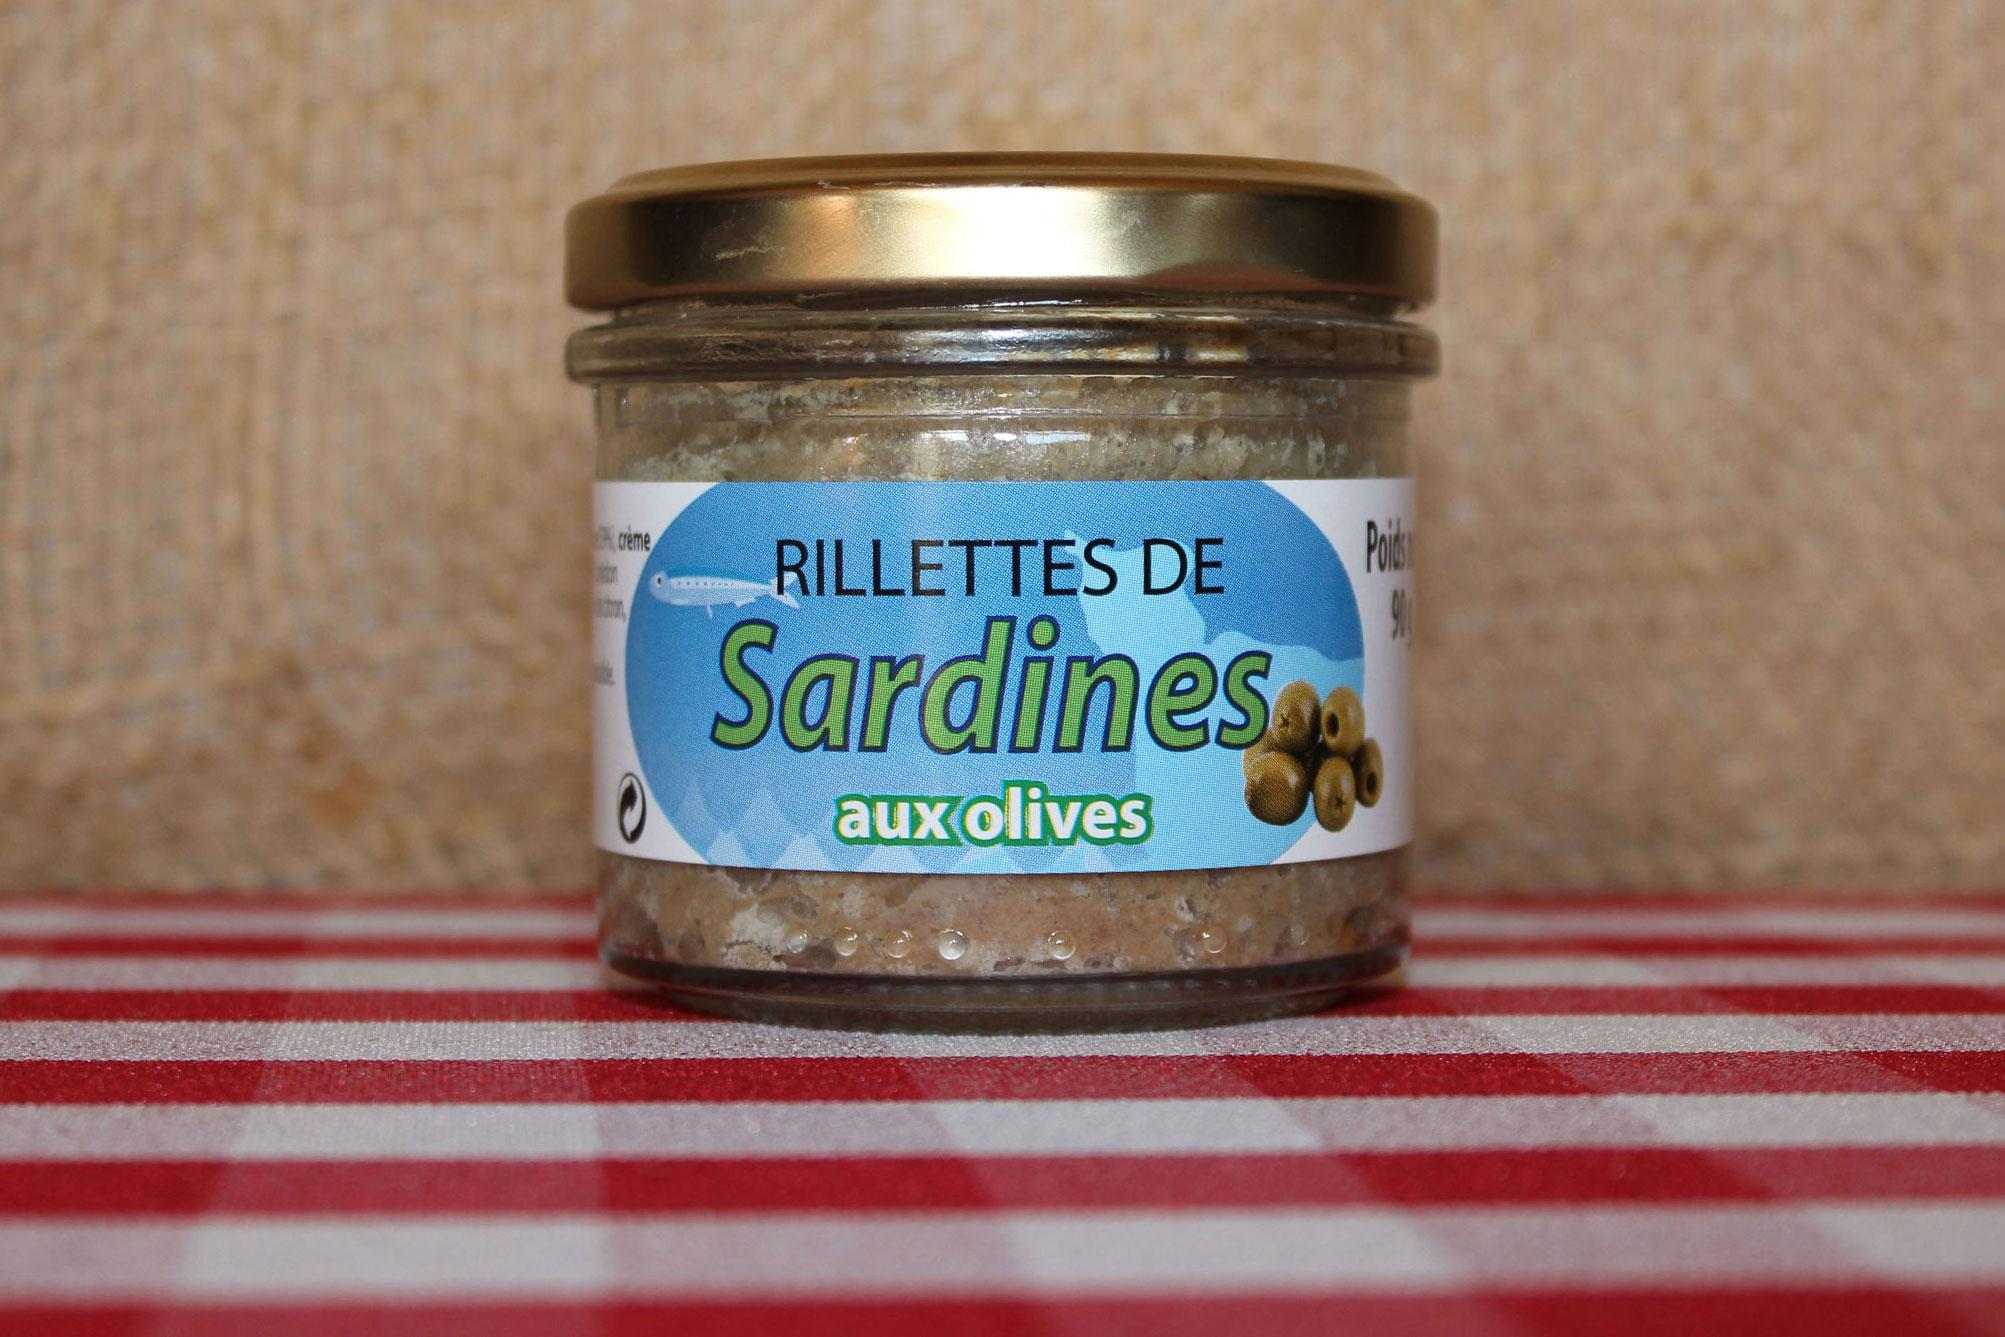 Rillettes de sardine aux olives conserve maison saint lo - Conserve de sardines maison ...